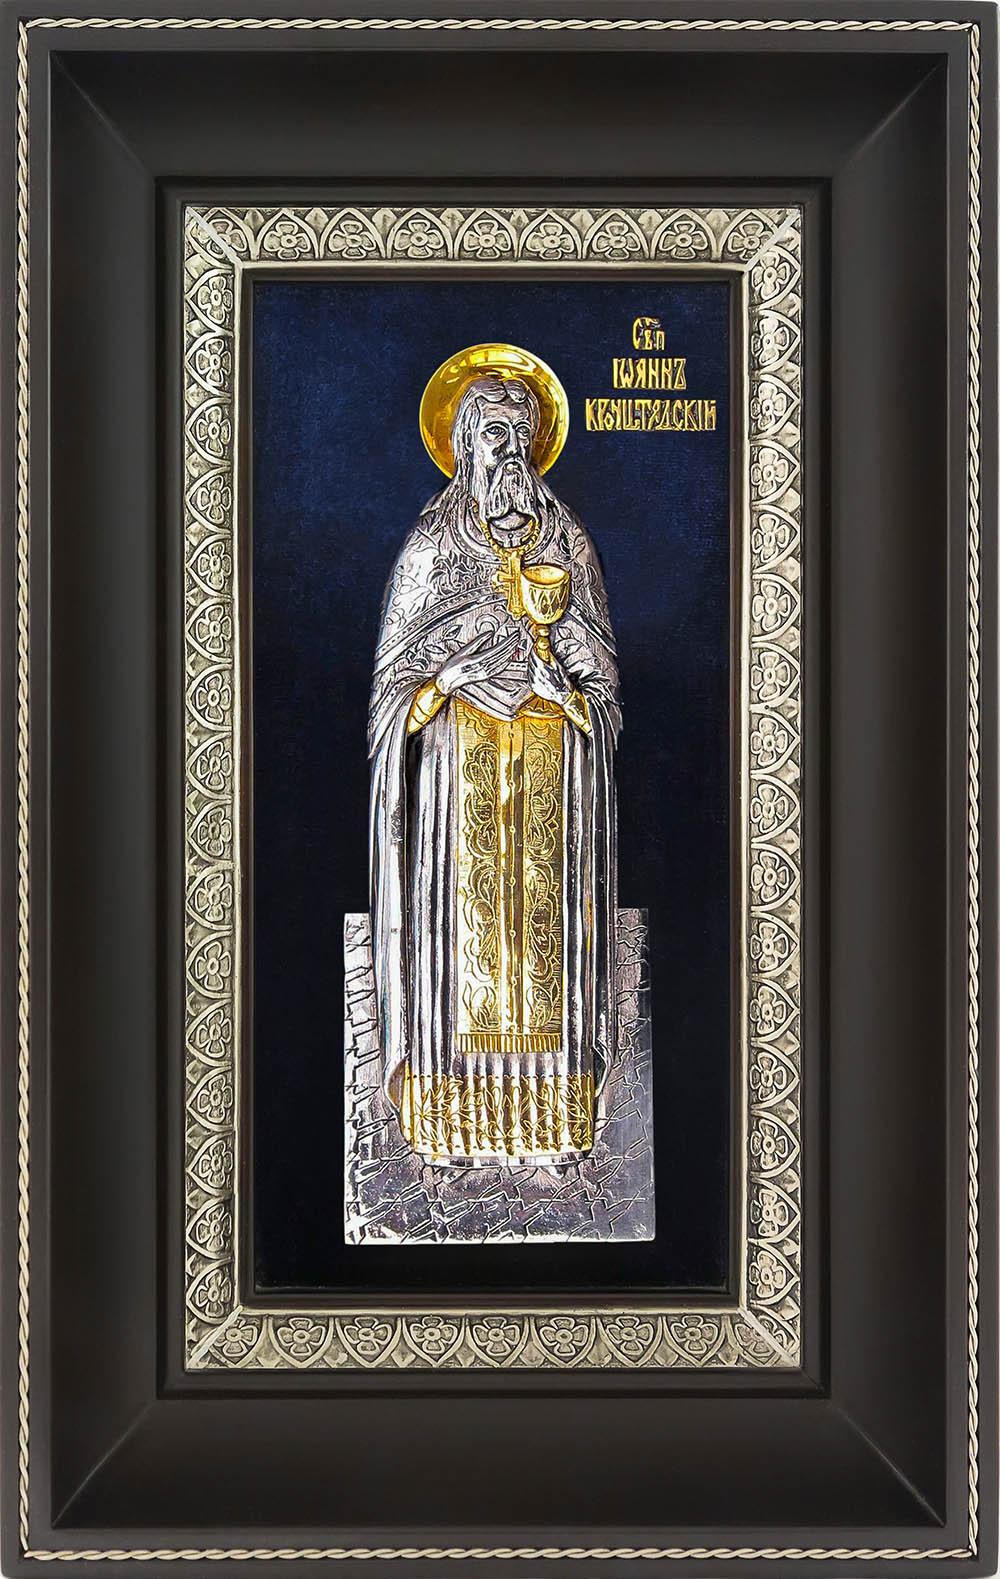 фото икона святого праведного Иоанна Кронштадтского гальванопластика золото серебро